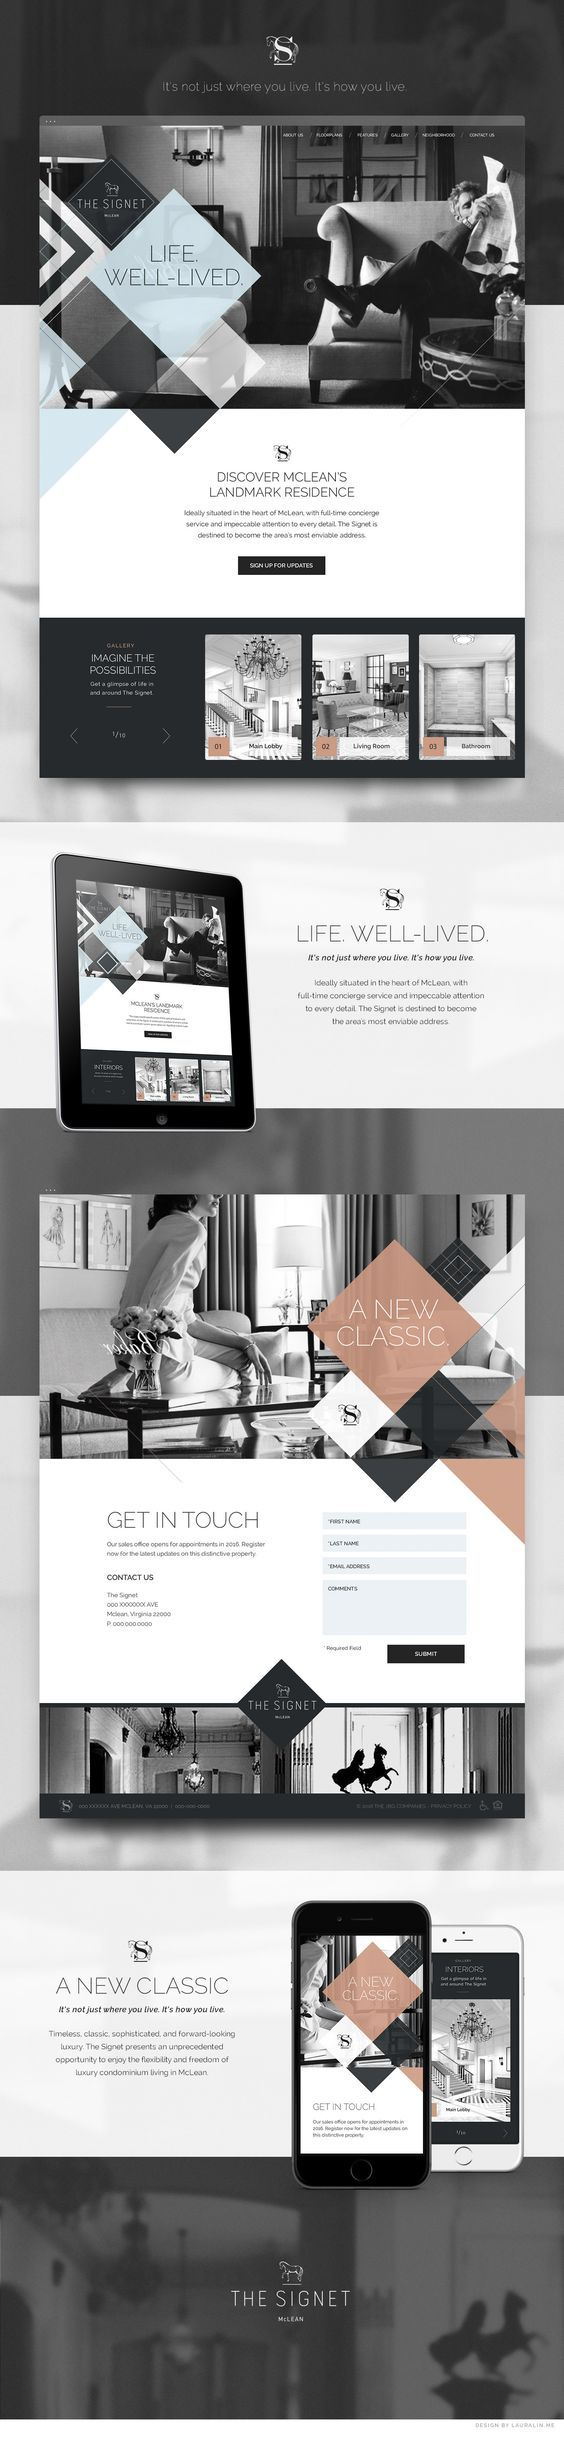 Печатку роскошные дома Веб-дизайн Лаура Лин